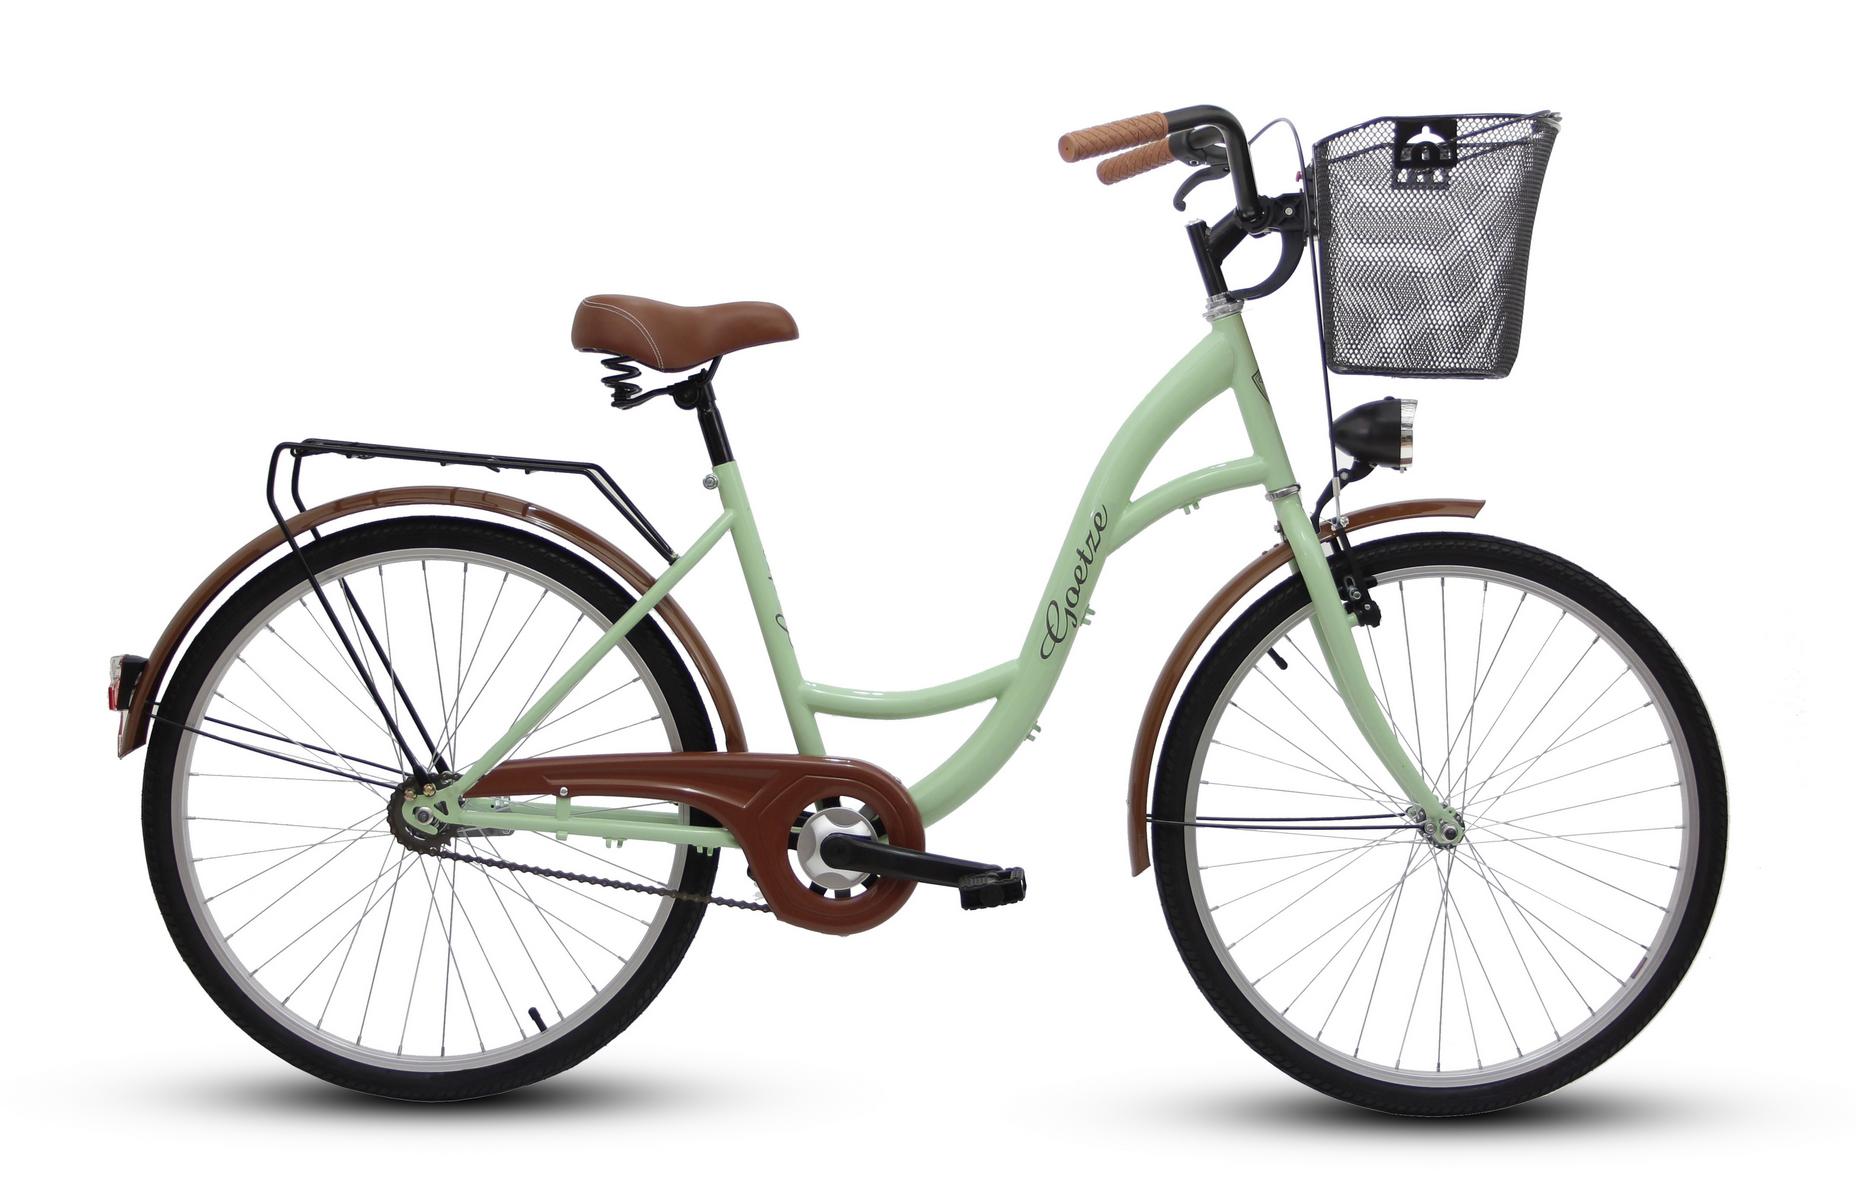 Dámsky mestský bicykel GOETZE 26 eco lady + košík !!!  Chýbajú odpisy